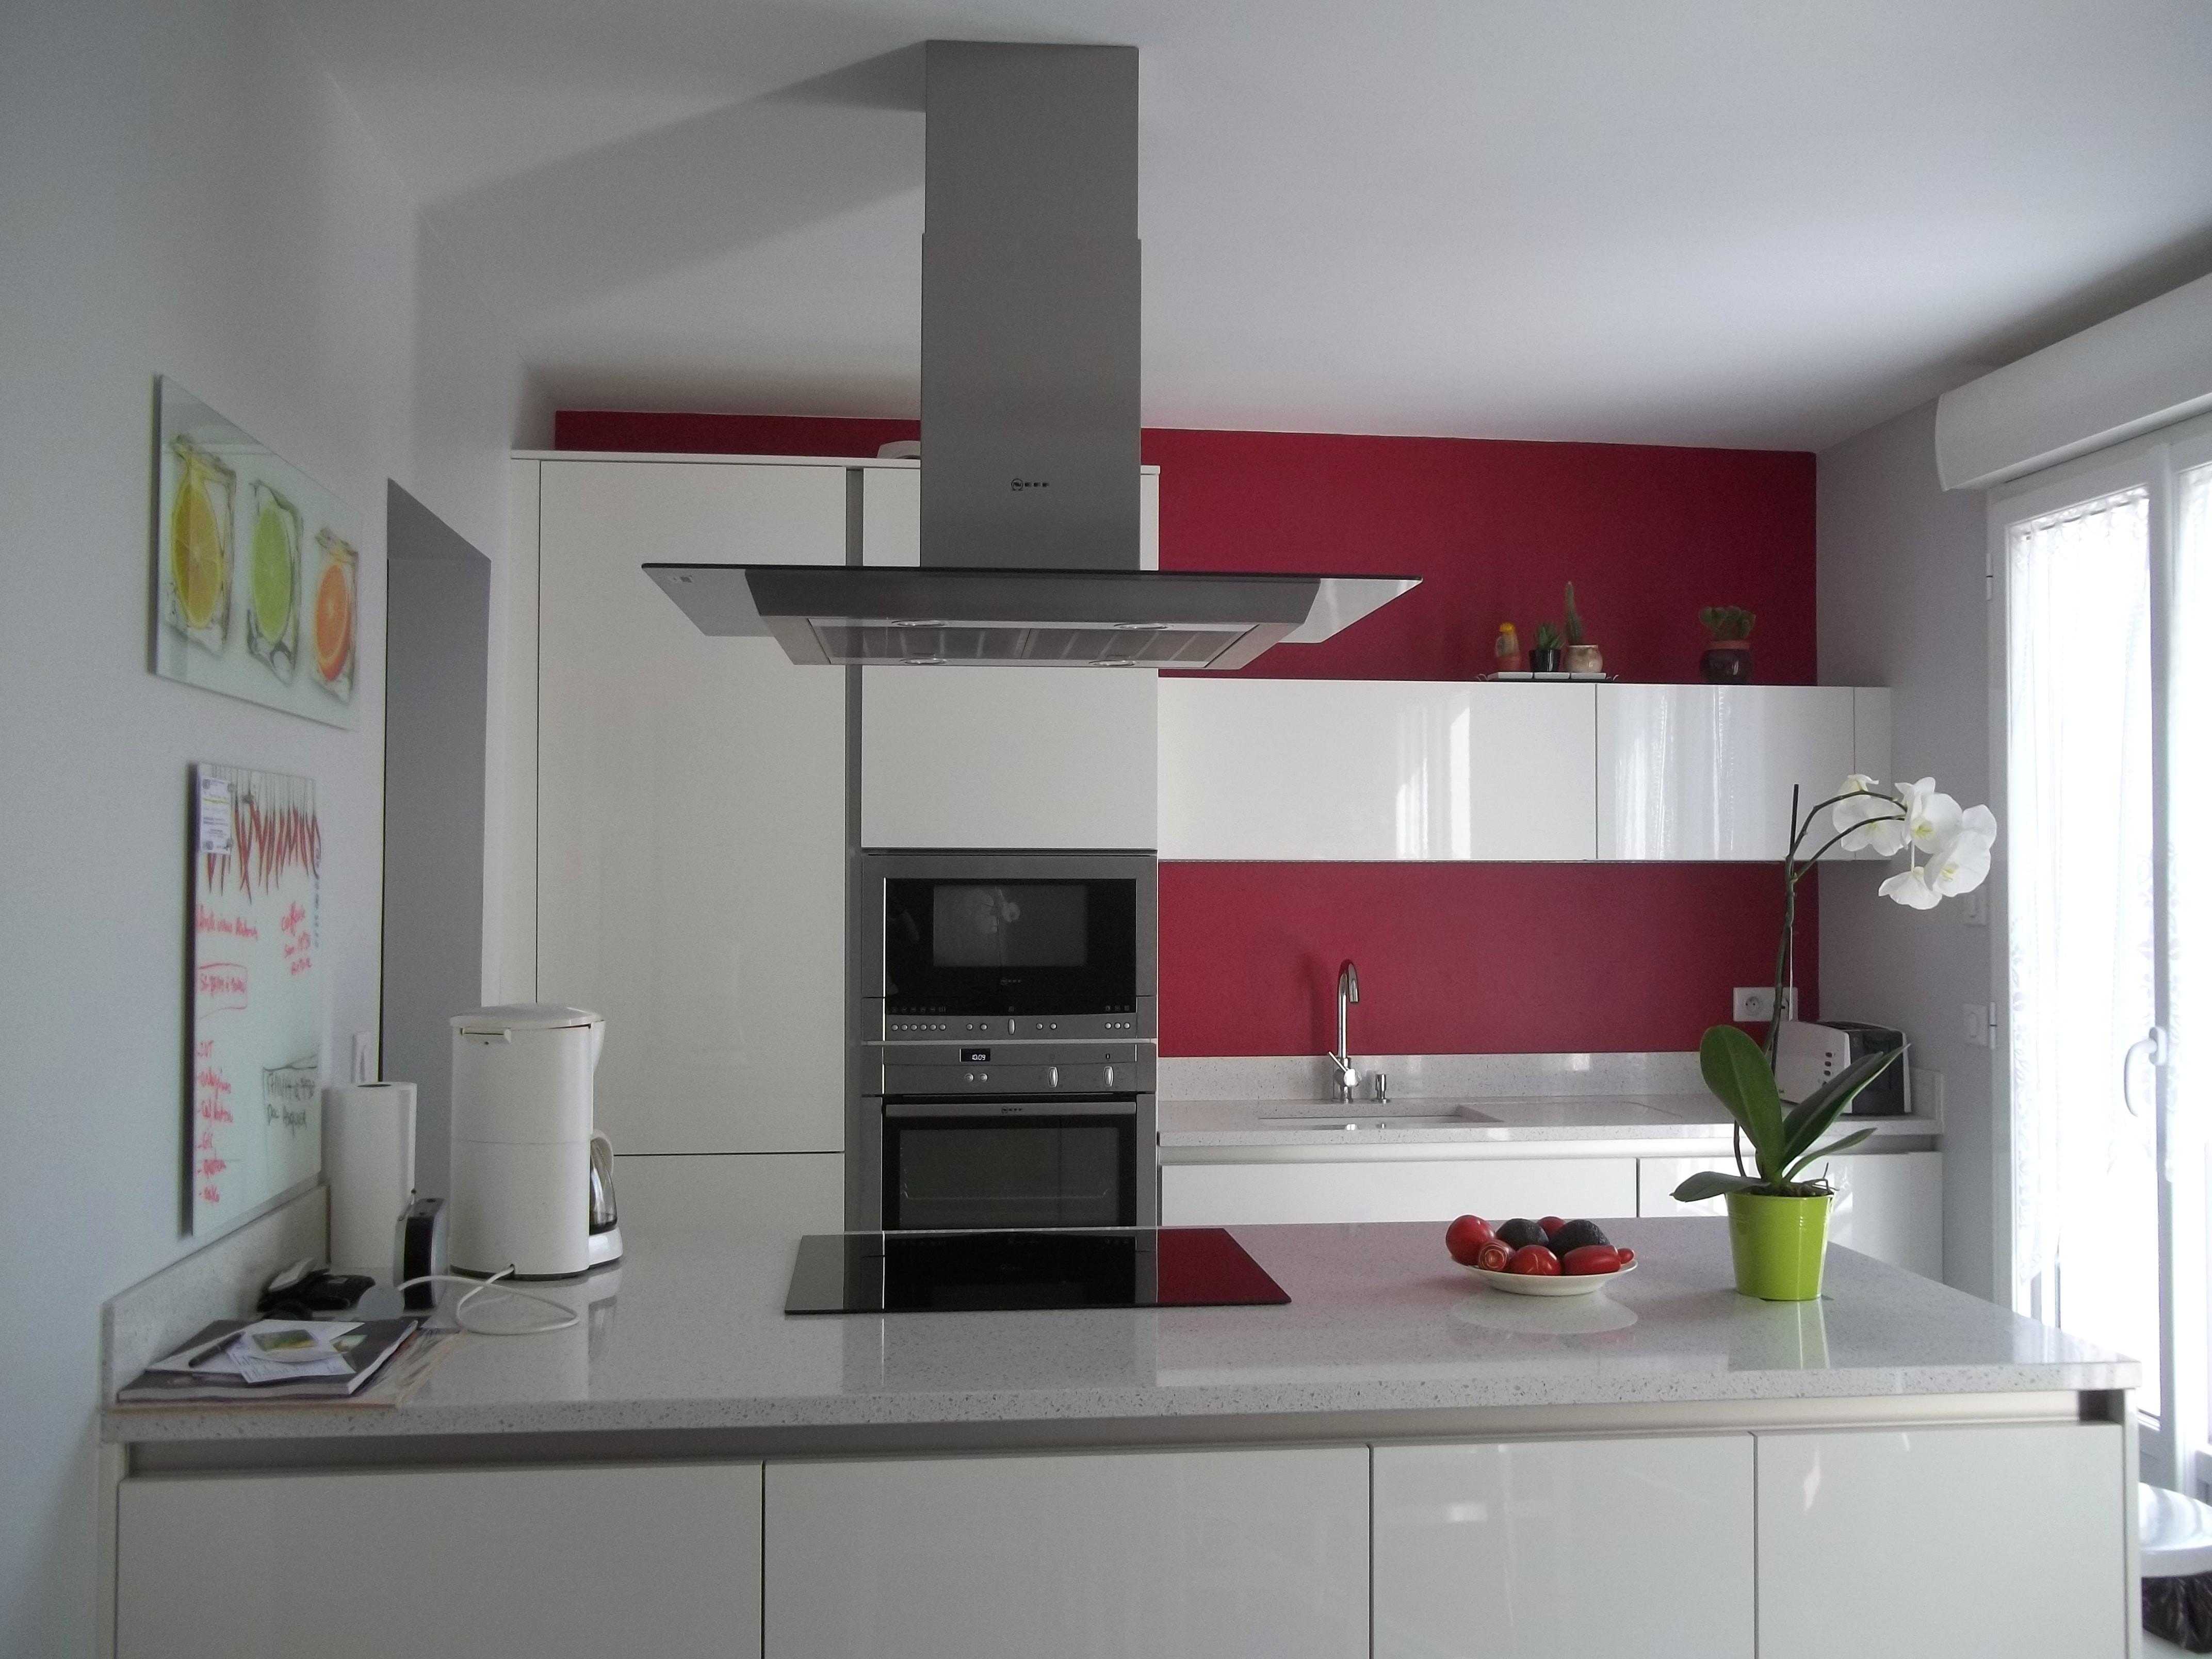 Carrelage mural cuisine gris brillant - livraison-clenbuterol.fr